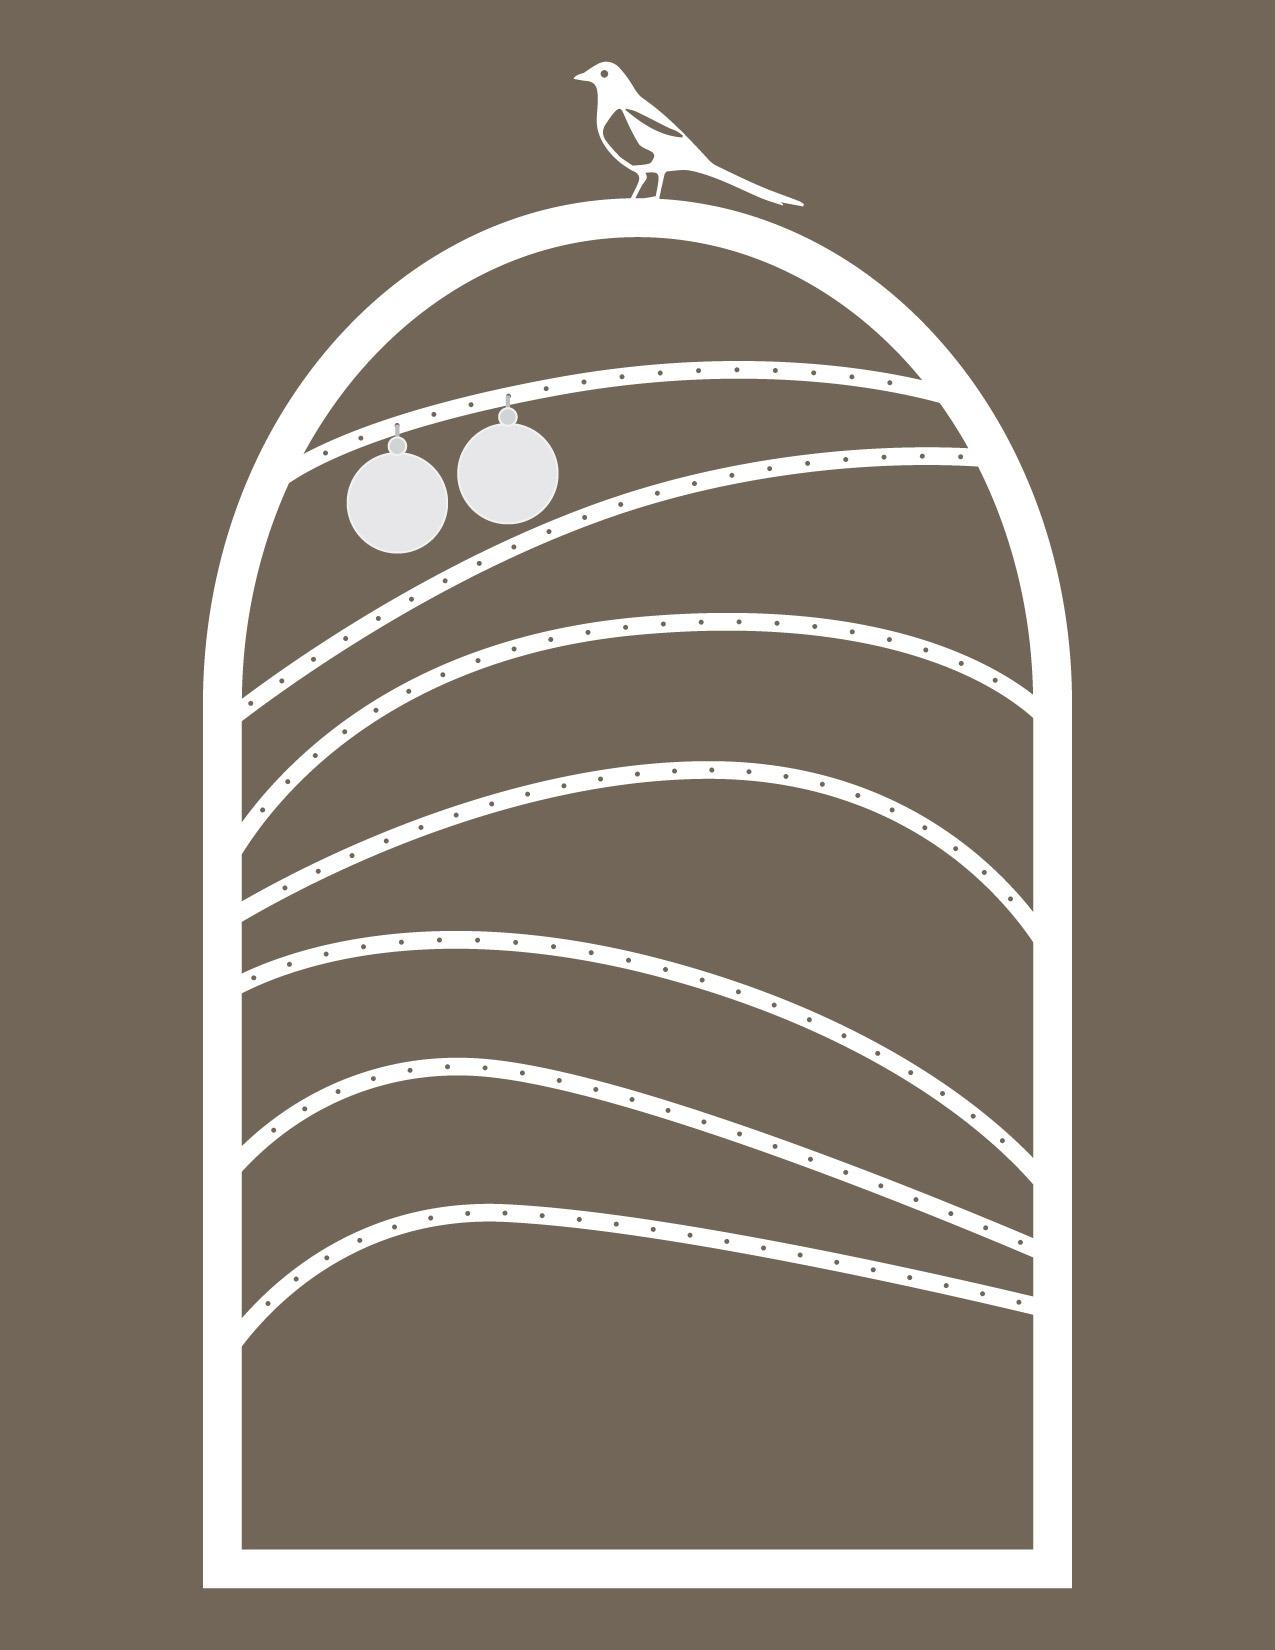 365_066_laser-earring-rack_emily-longbrake-03